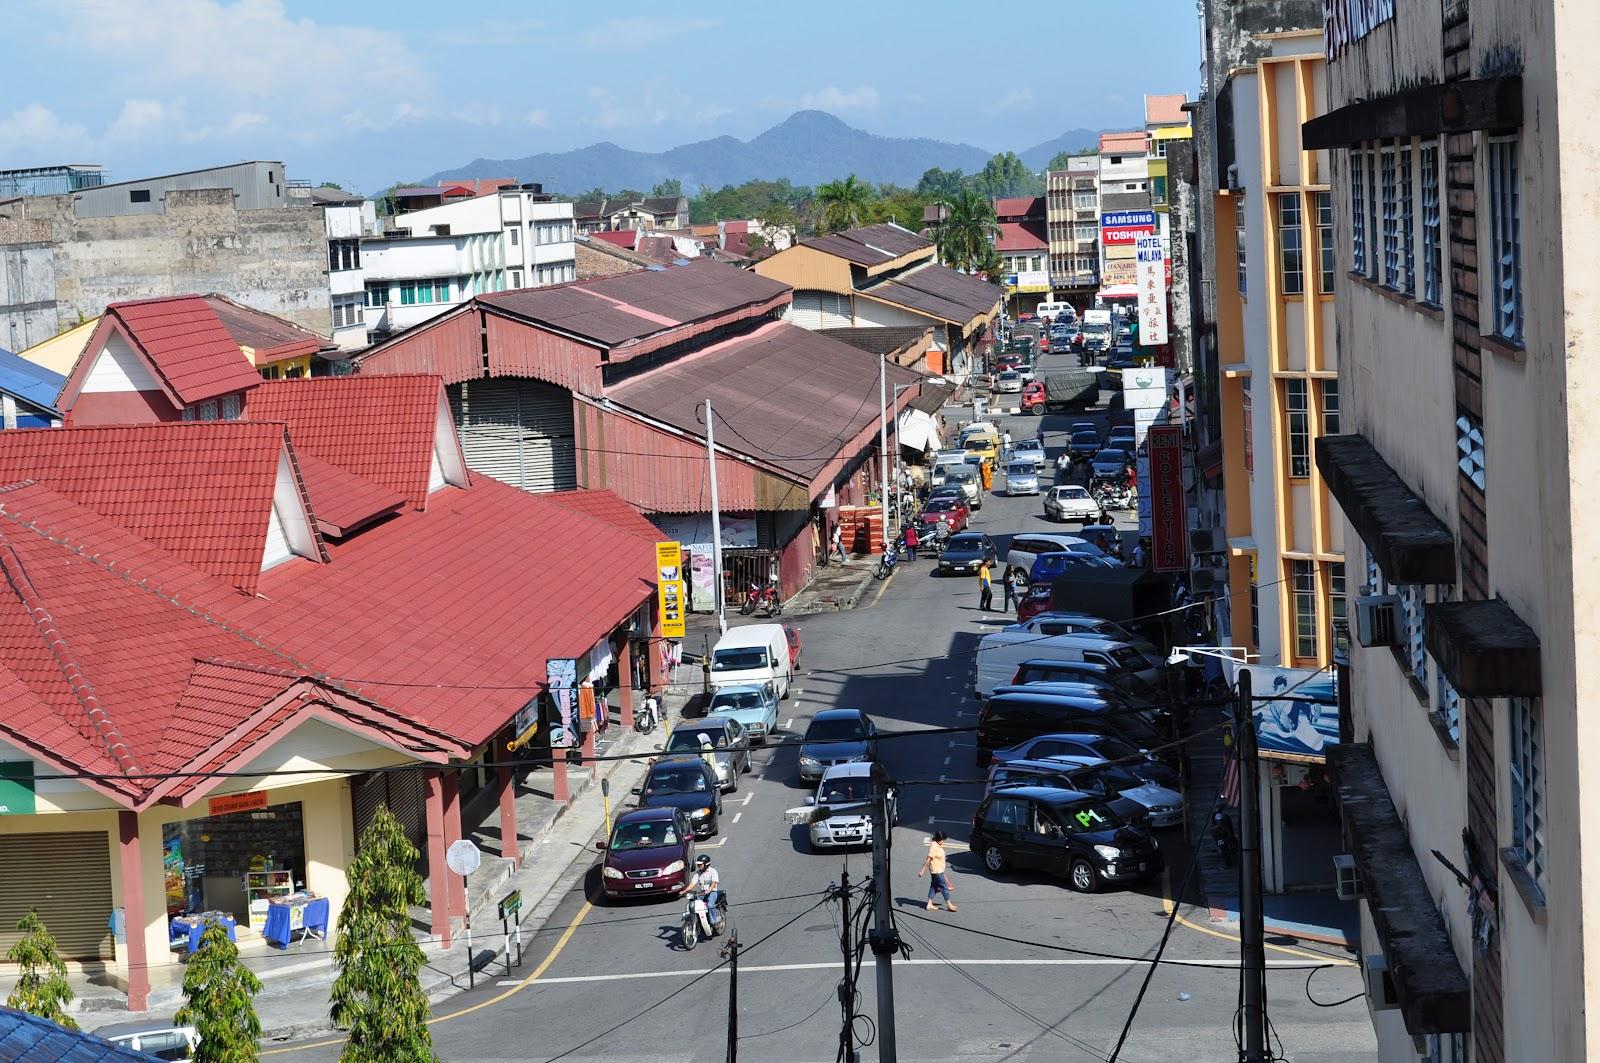 Wongtee Taiping Wet Market